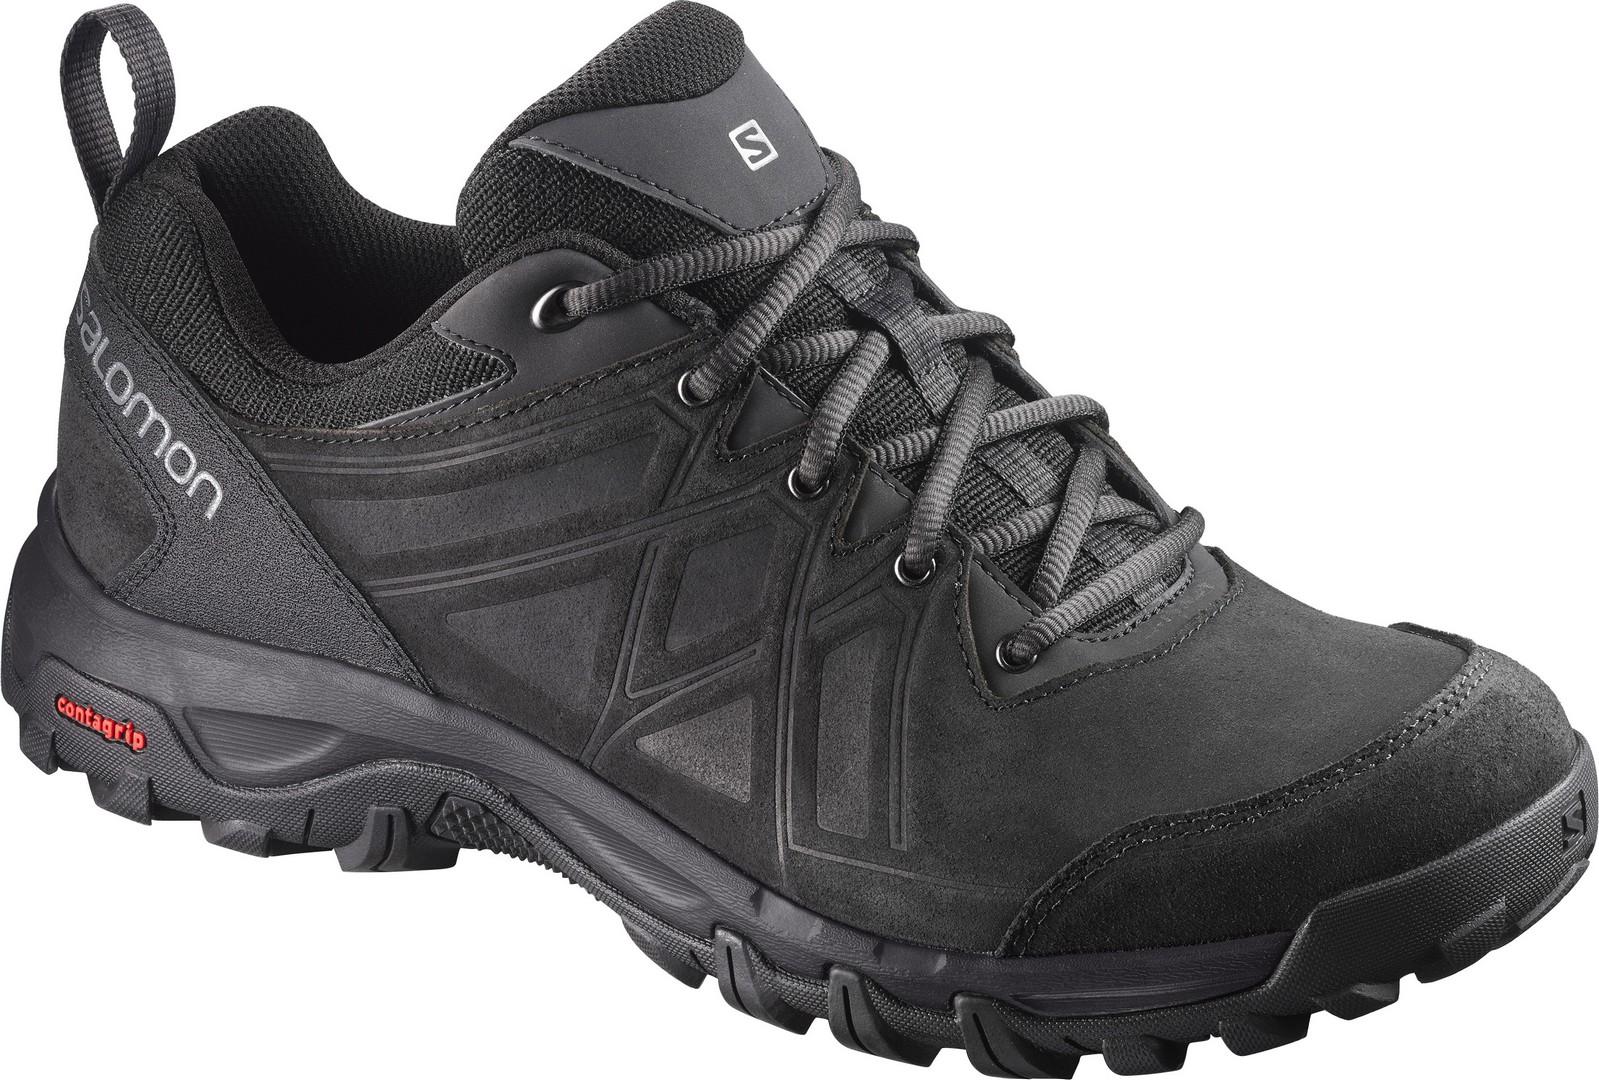 Salomon EVASION 2 LTR, pohodni čevlji, črna